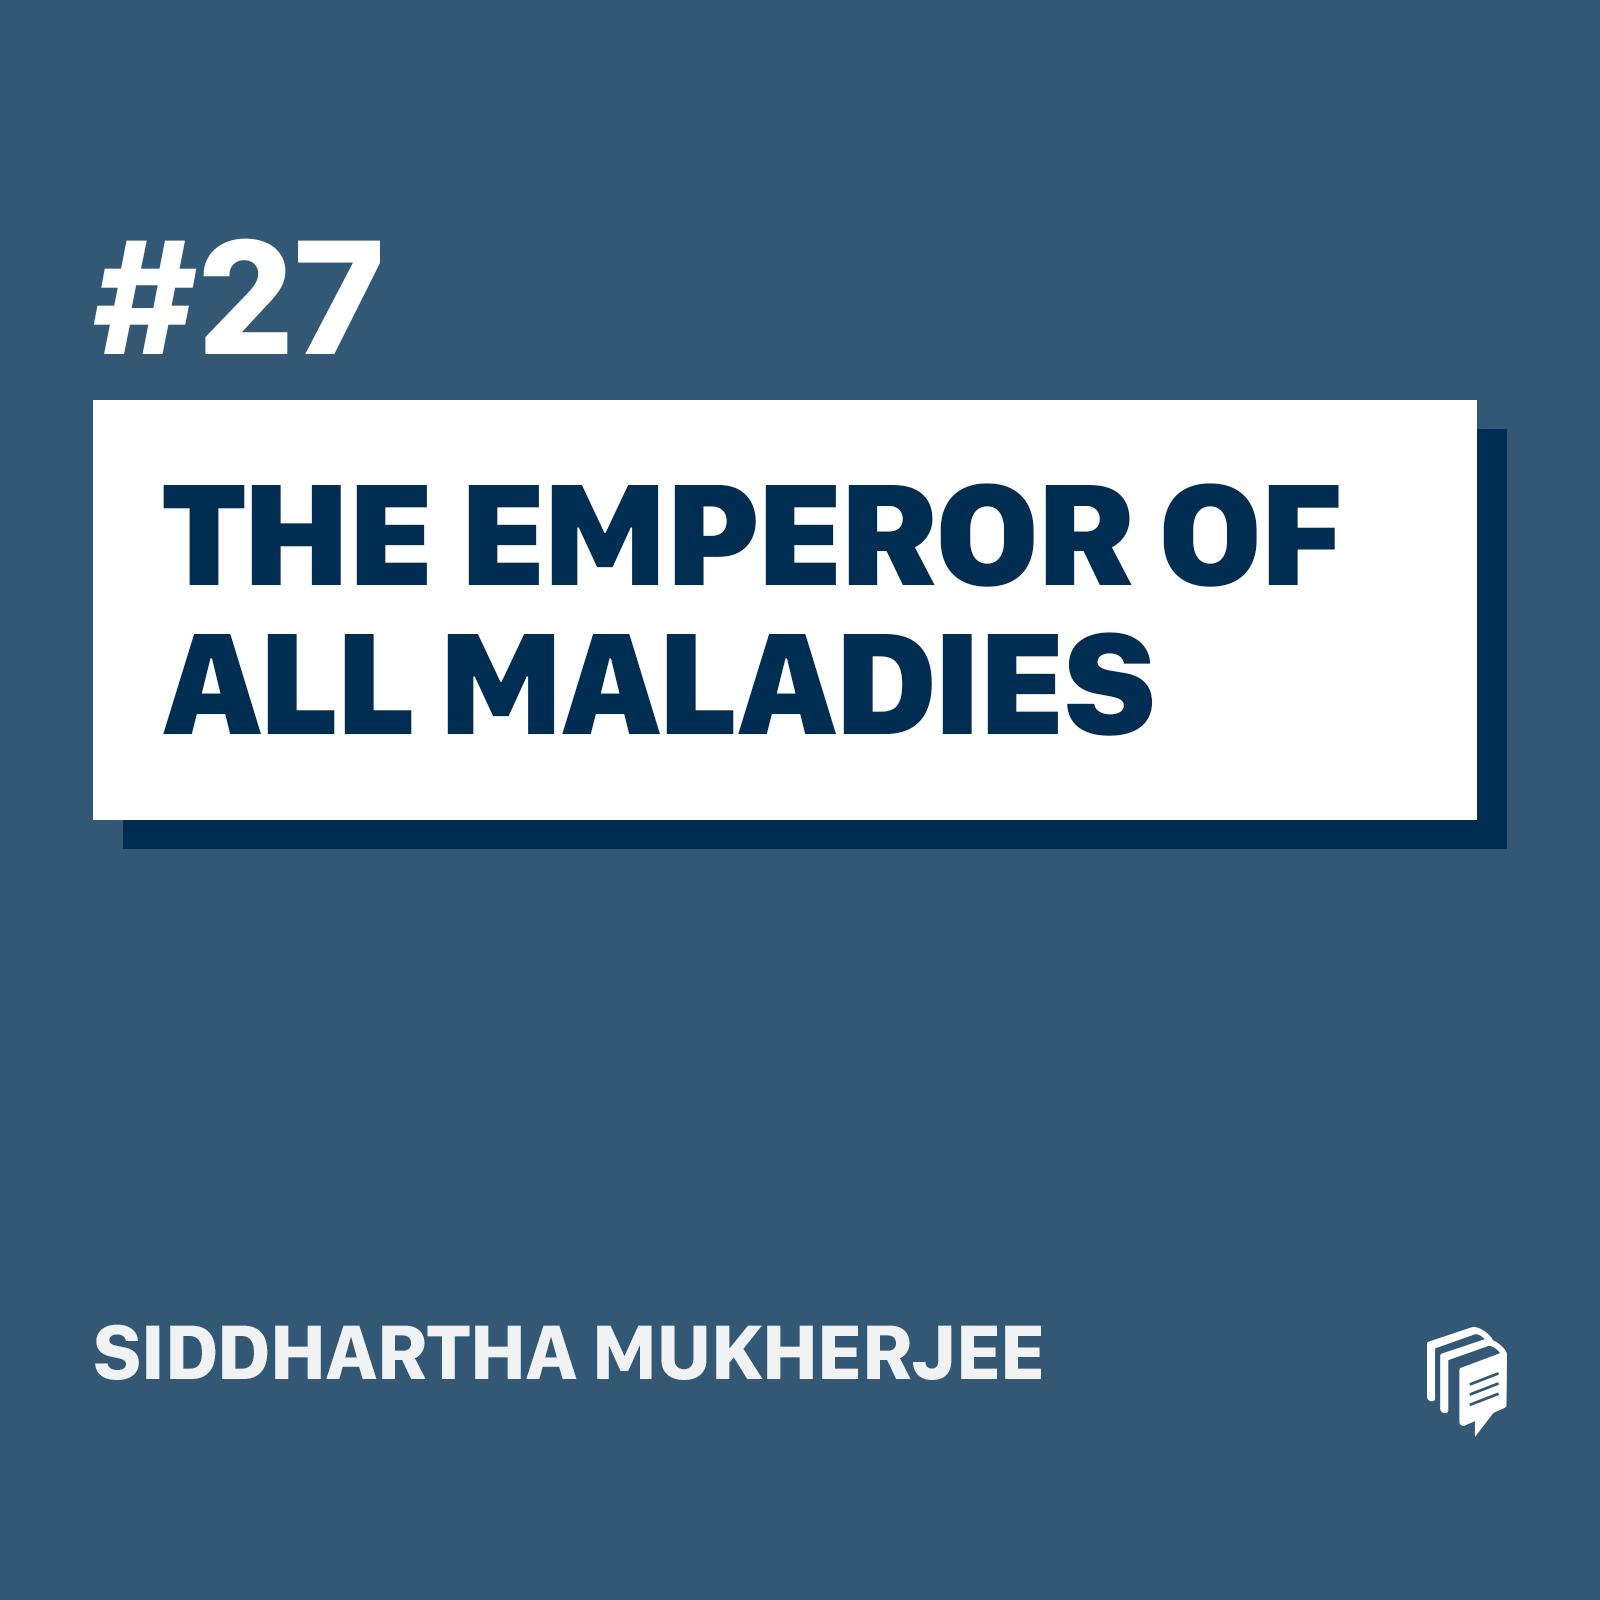 خلاصه کتاب امپراتور همه بیماریها